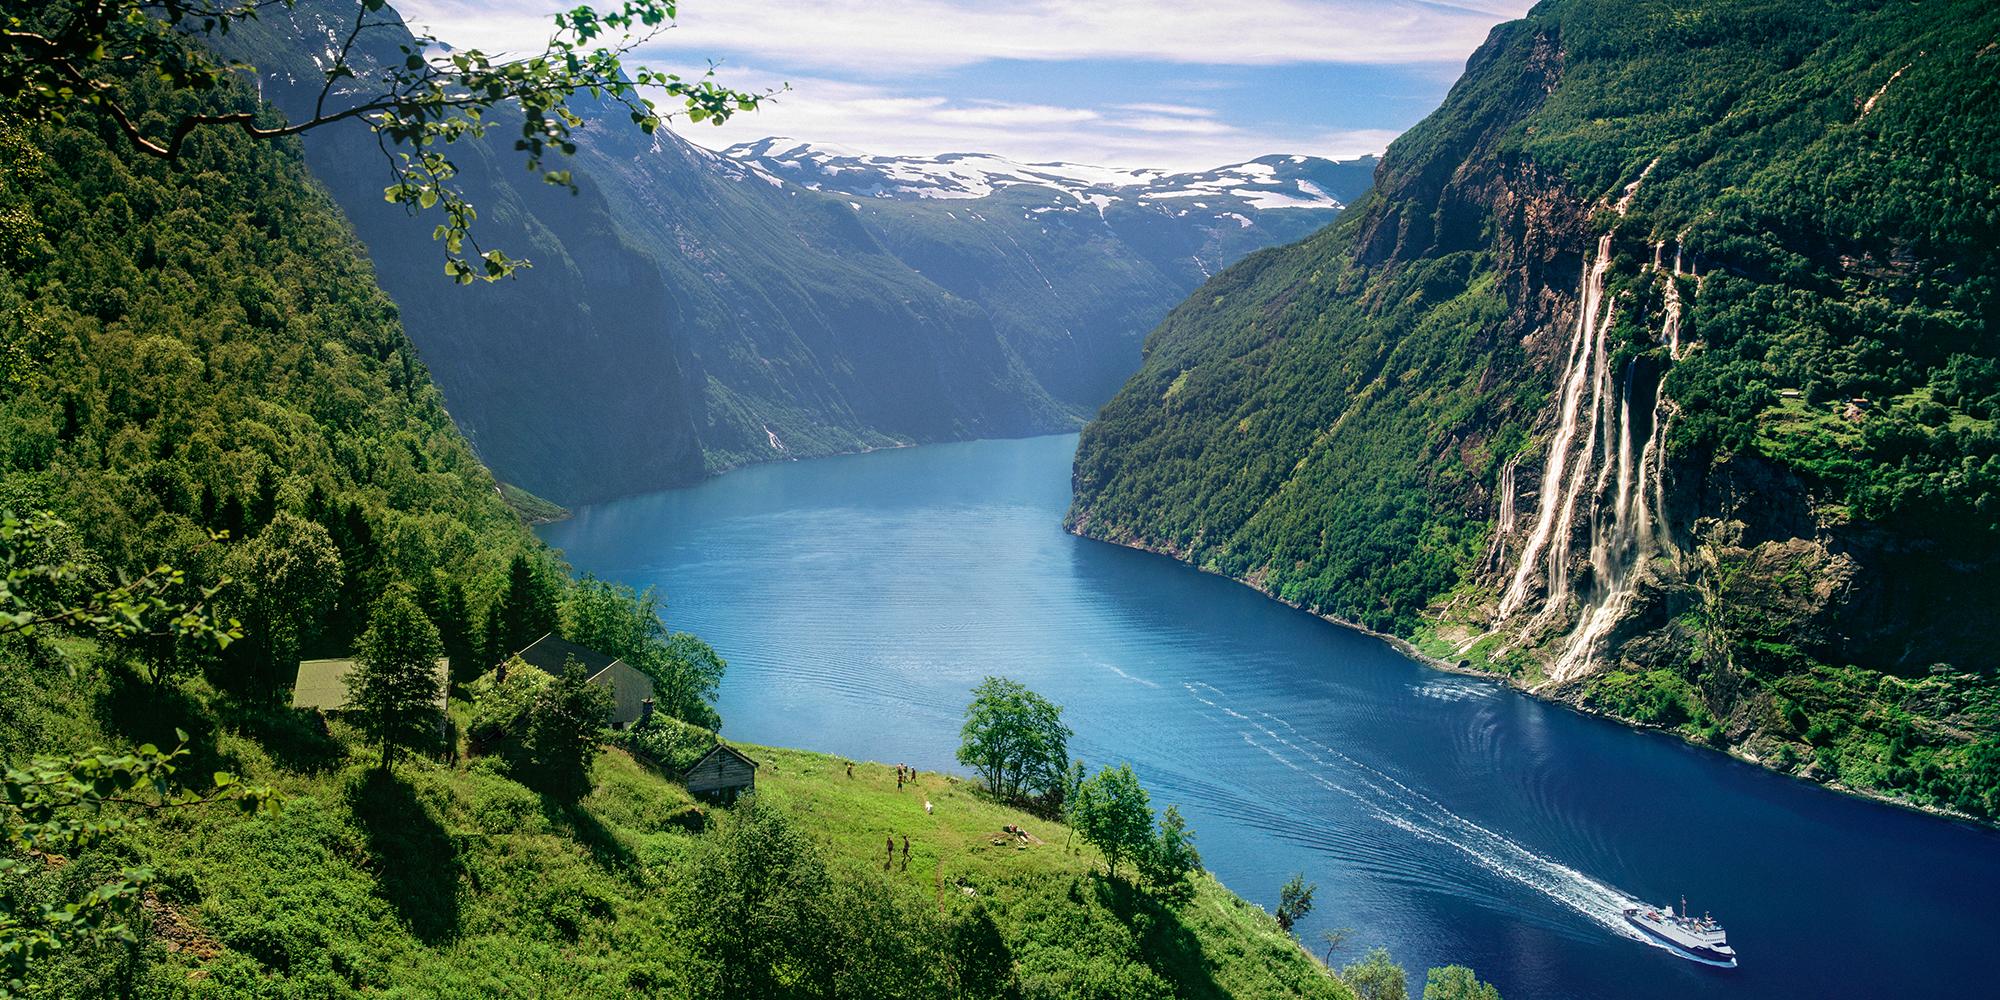 Le Geirangerfjord en Norvège | Fjords et chutes d'eau